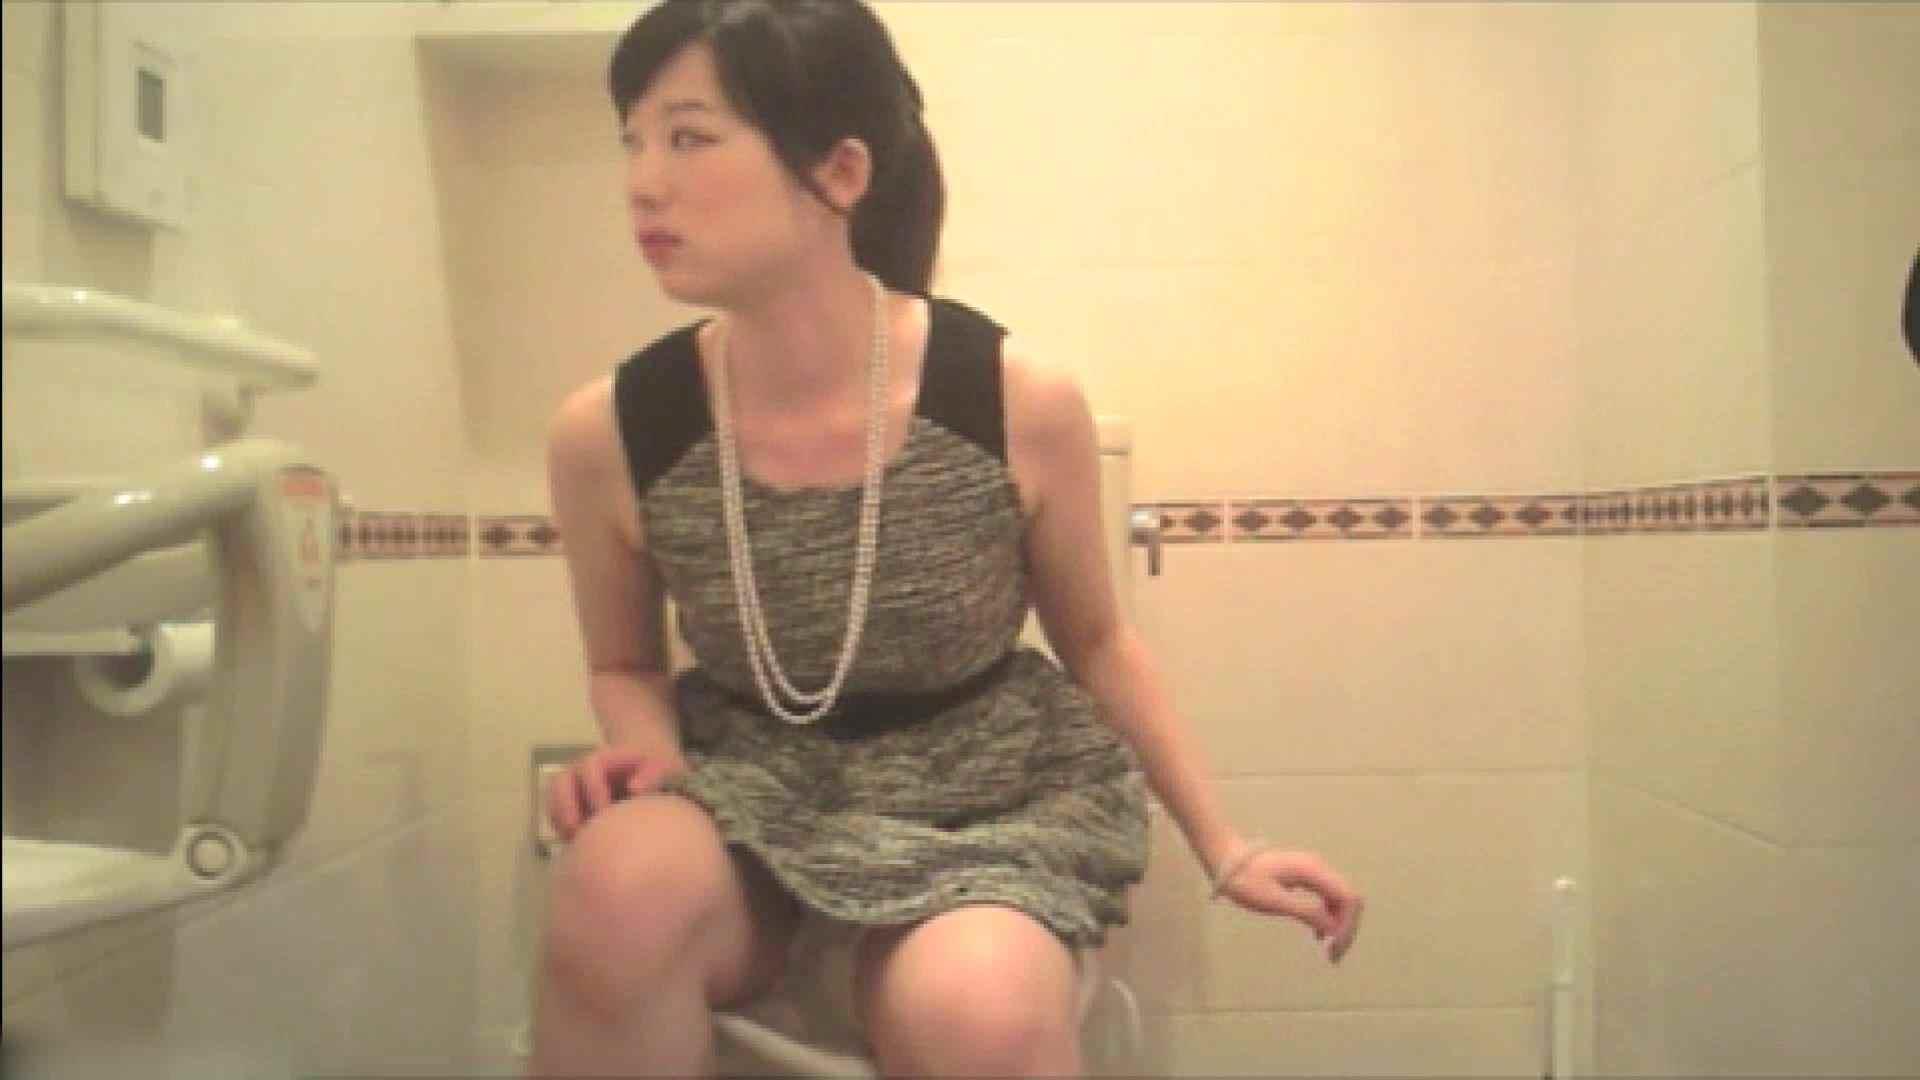 実録!!綺麗なお姉さんのトイレ事情・・・。vol.17 洗面所  68枚 66